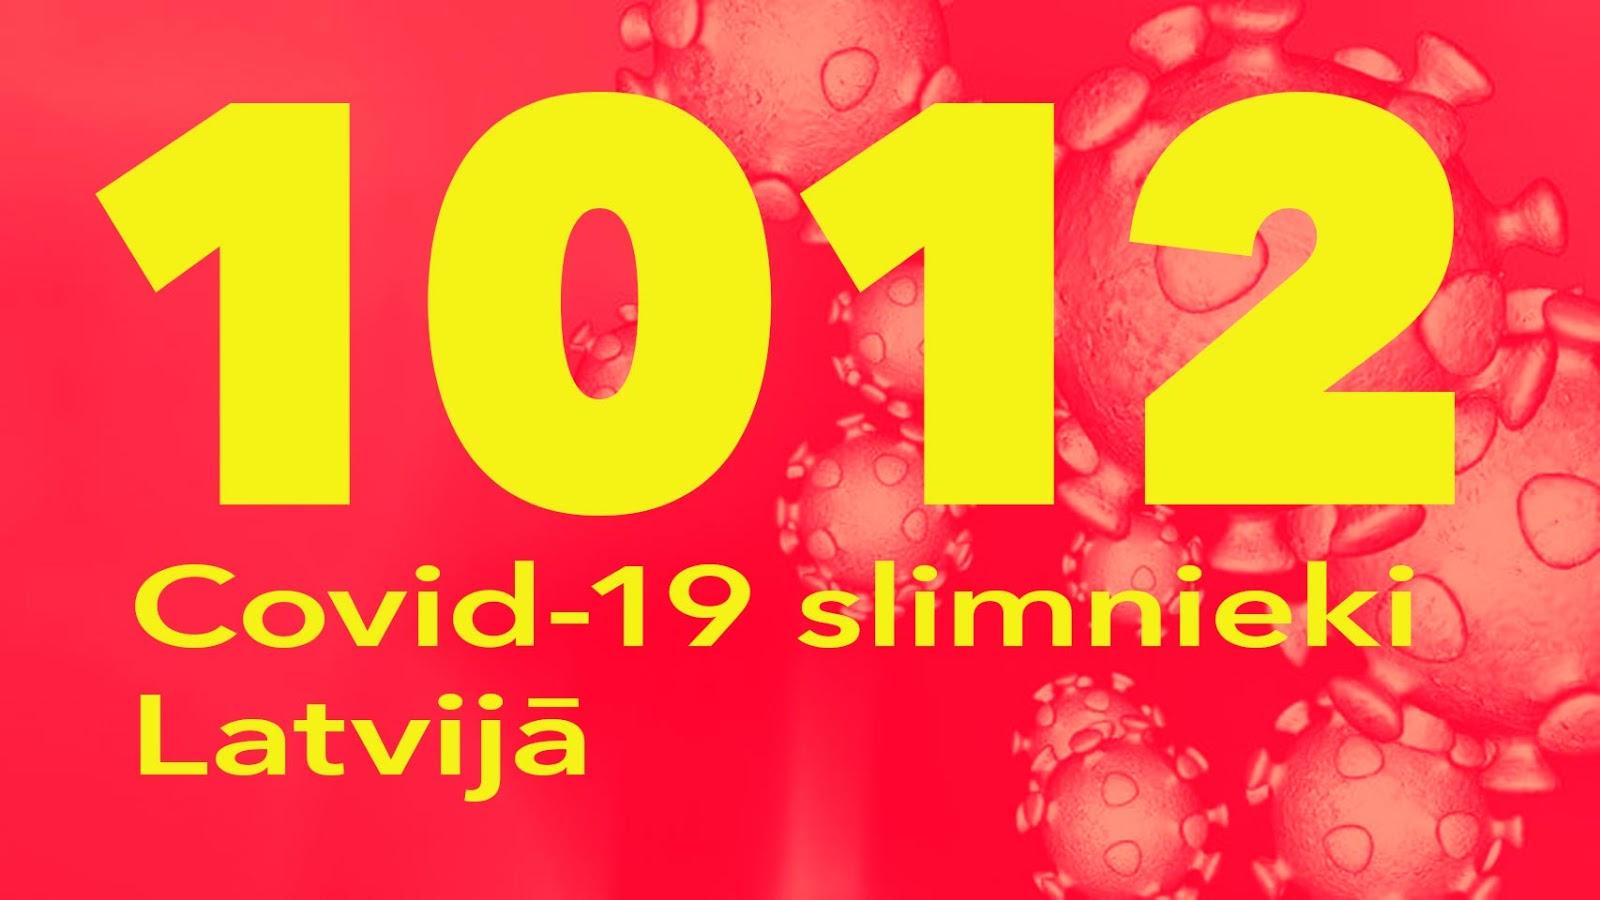 Koronavīrusa saslimušo skaits Latvijā 19.05.2020.